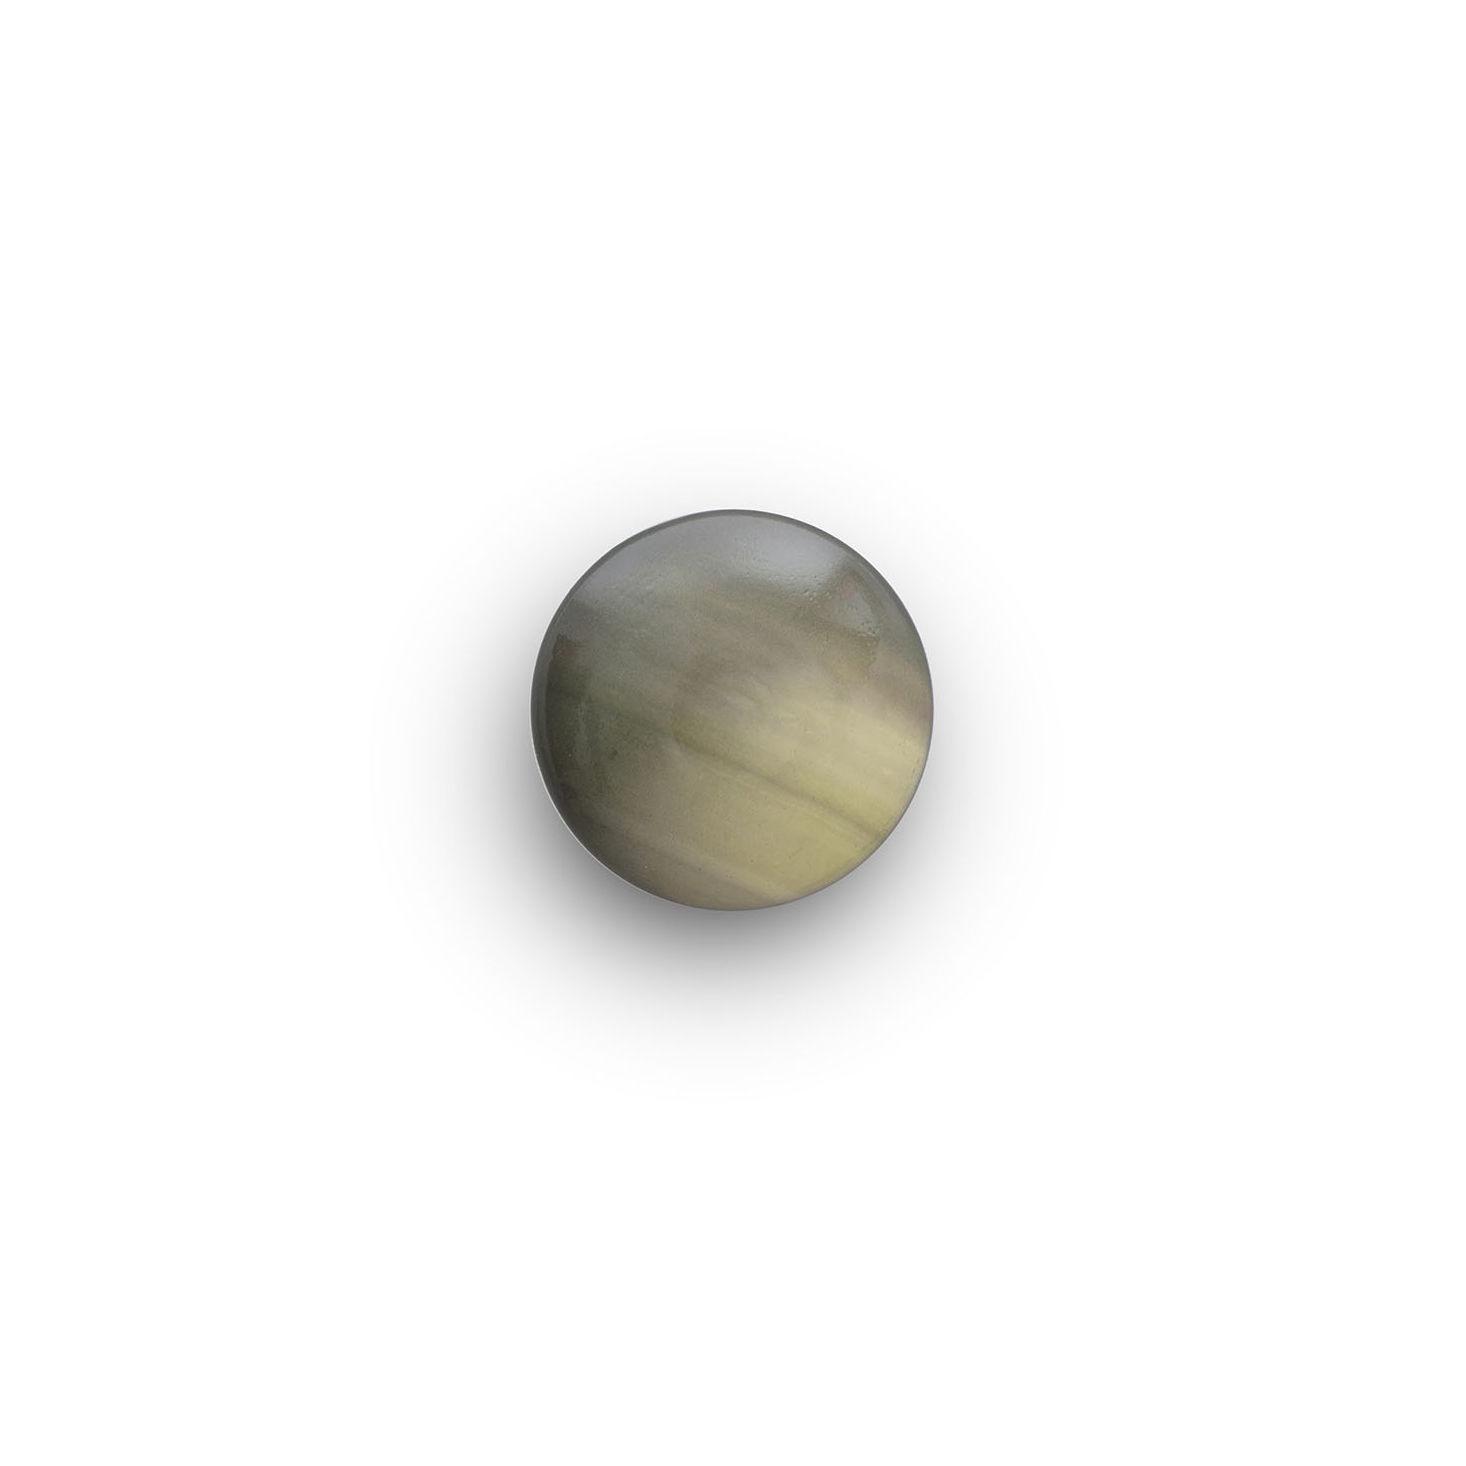 Furniture - Coat Racks & Pegs - Cosmic Diner - Saturne Hook - / ø 10 cm by Diesel living with Seletti - Saturn - Wood